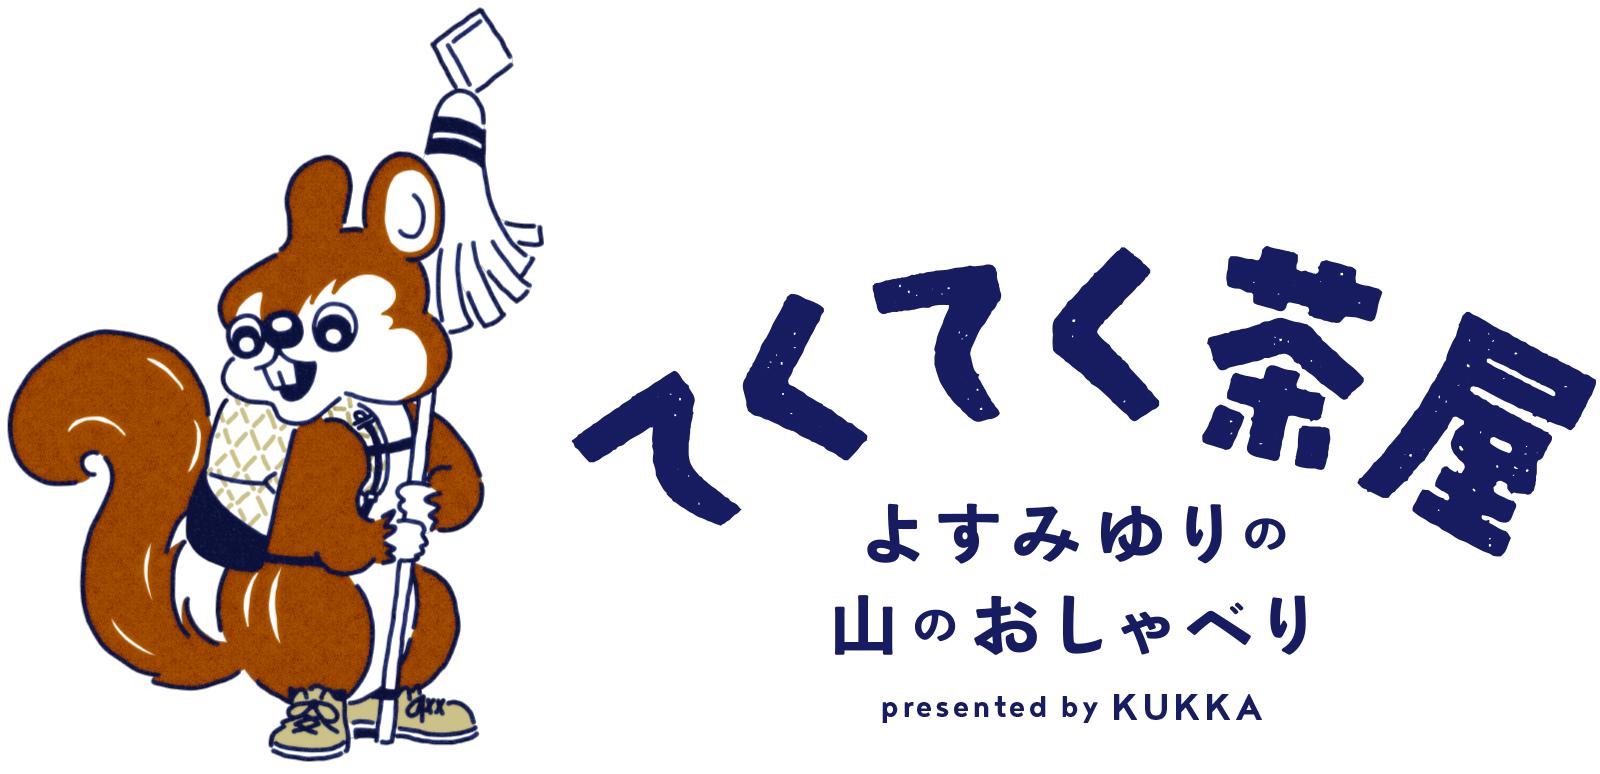 四角友里さんのオンラインイベント開催します!「てくてく茶屋〜よすみゆりの山のおしゃべり」